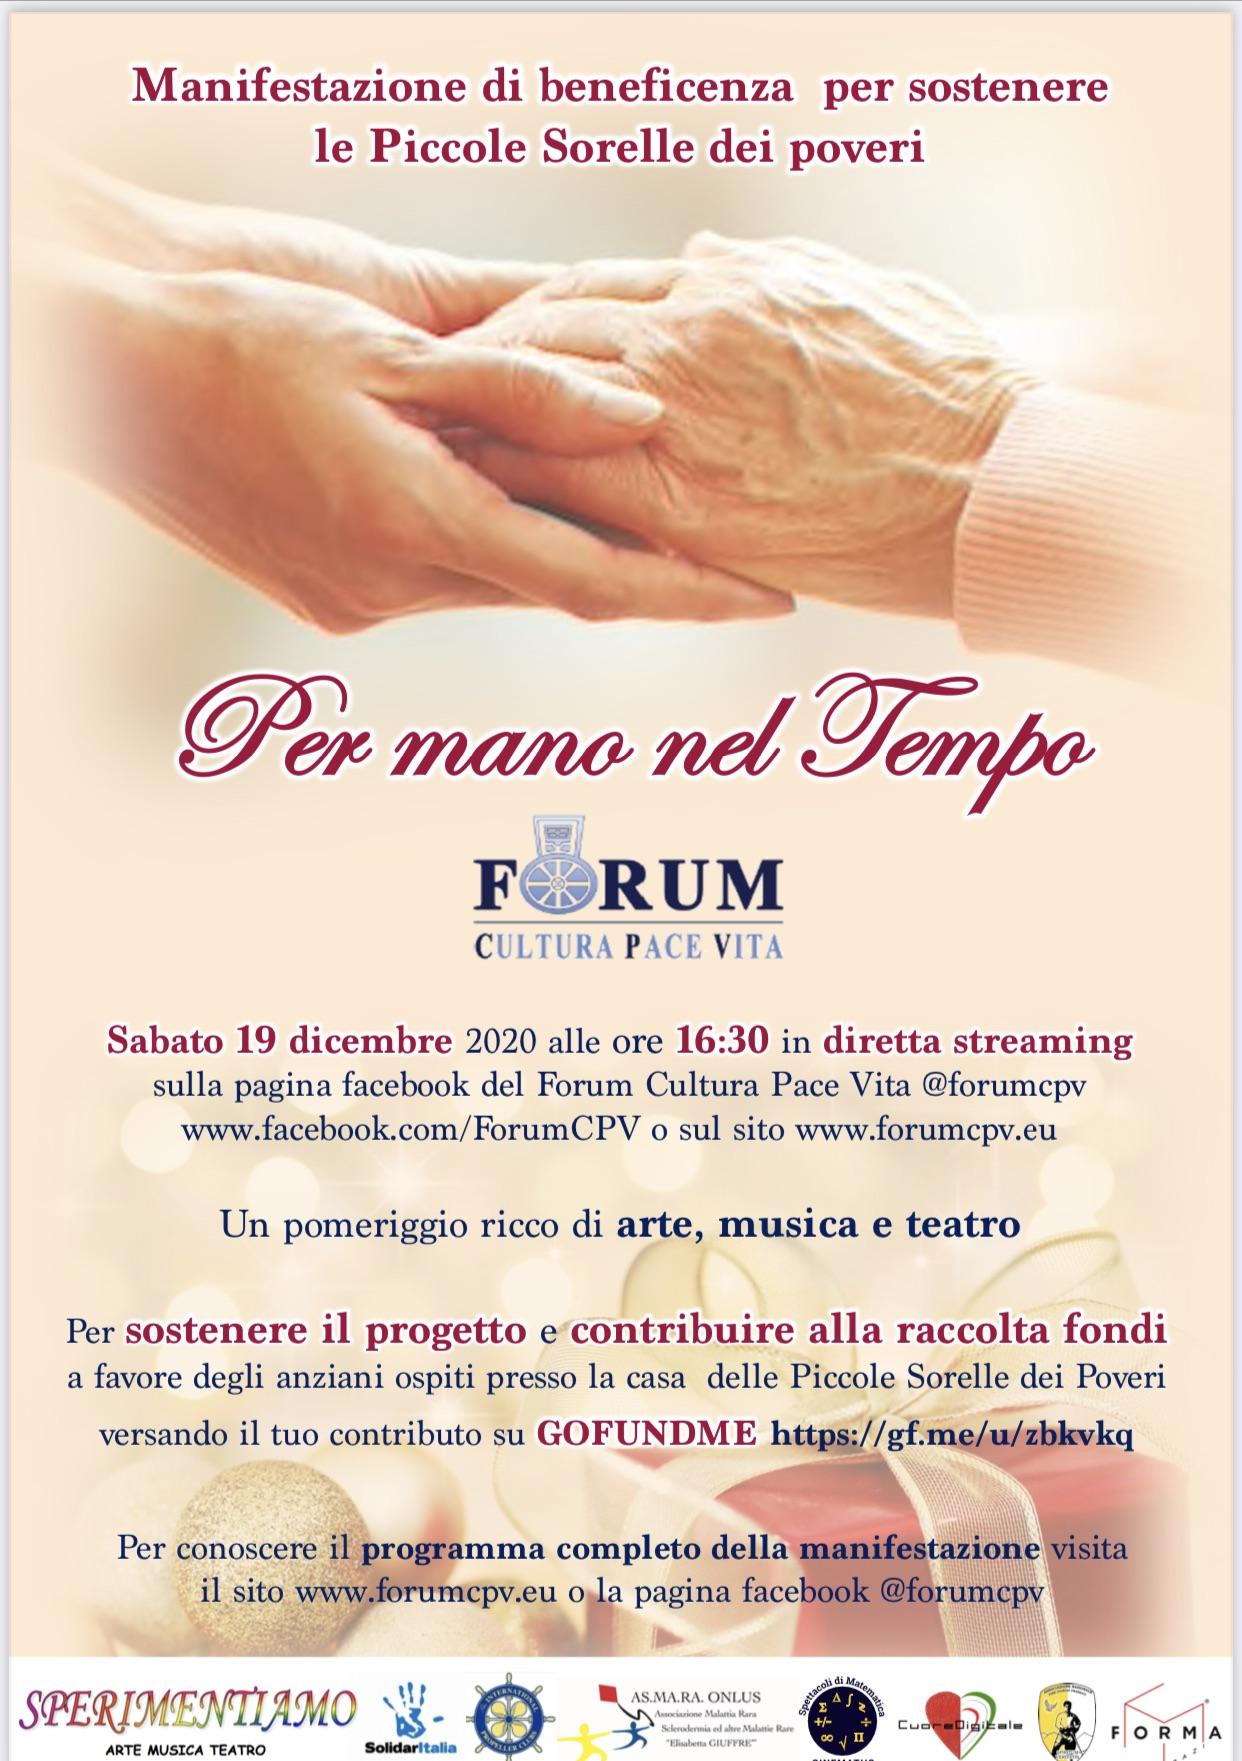 Sabato 19 dicembre 2020 alle ore 16:30 in diretta streaming sulla pagina facebook del Forum Cultura Pace Vita @forumcpv www.facebook.com/ForumCPV o sul sito www.forumcpv.eu. Un pomeriggio ricco di arte, musica e teatro Per sostenere il progetto e contribuire alla raccolta fondi a favore degli anziani ospiti presso la casa delle Piccole Sorelle dei Poveri versando il tuo contributo su GOFUNDME https://gf.me/u/zbkvkq Per conoscere il programma completo della manifestazione visita il sito www.forumcpv.eu o la pagina facebook @forumcpv